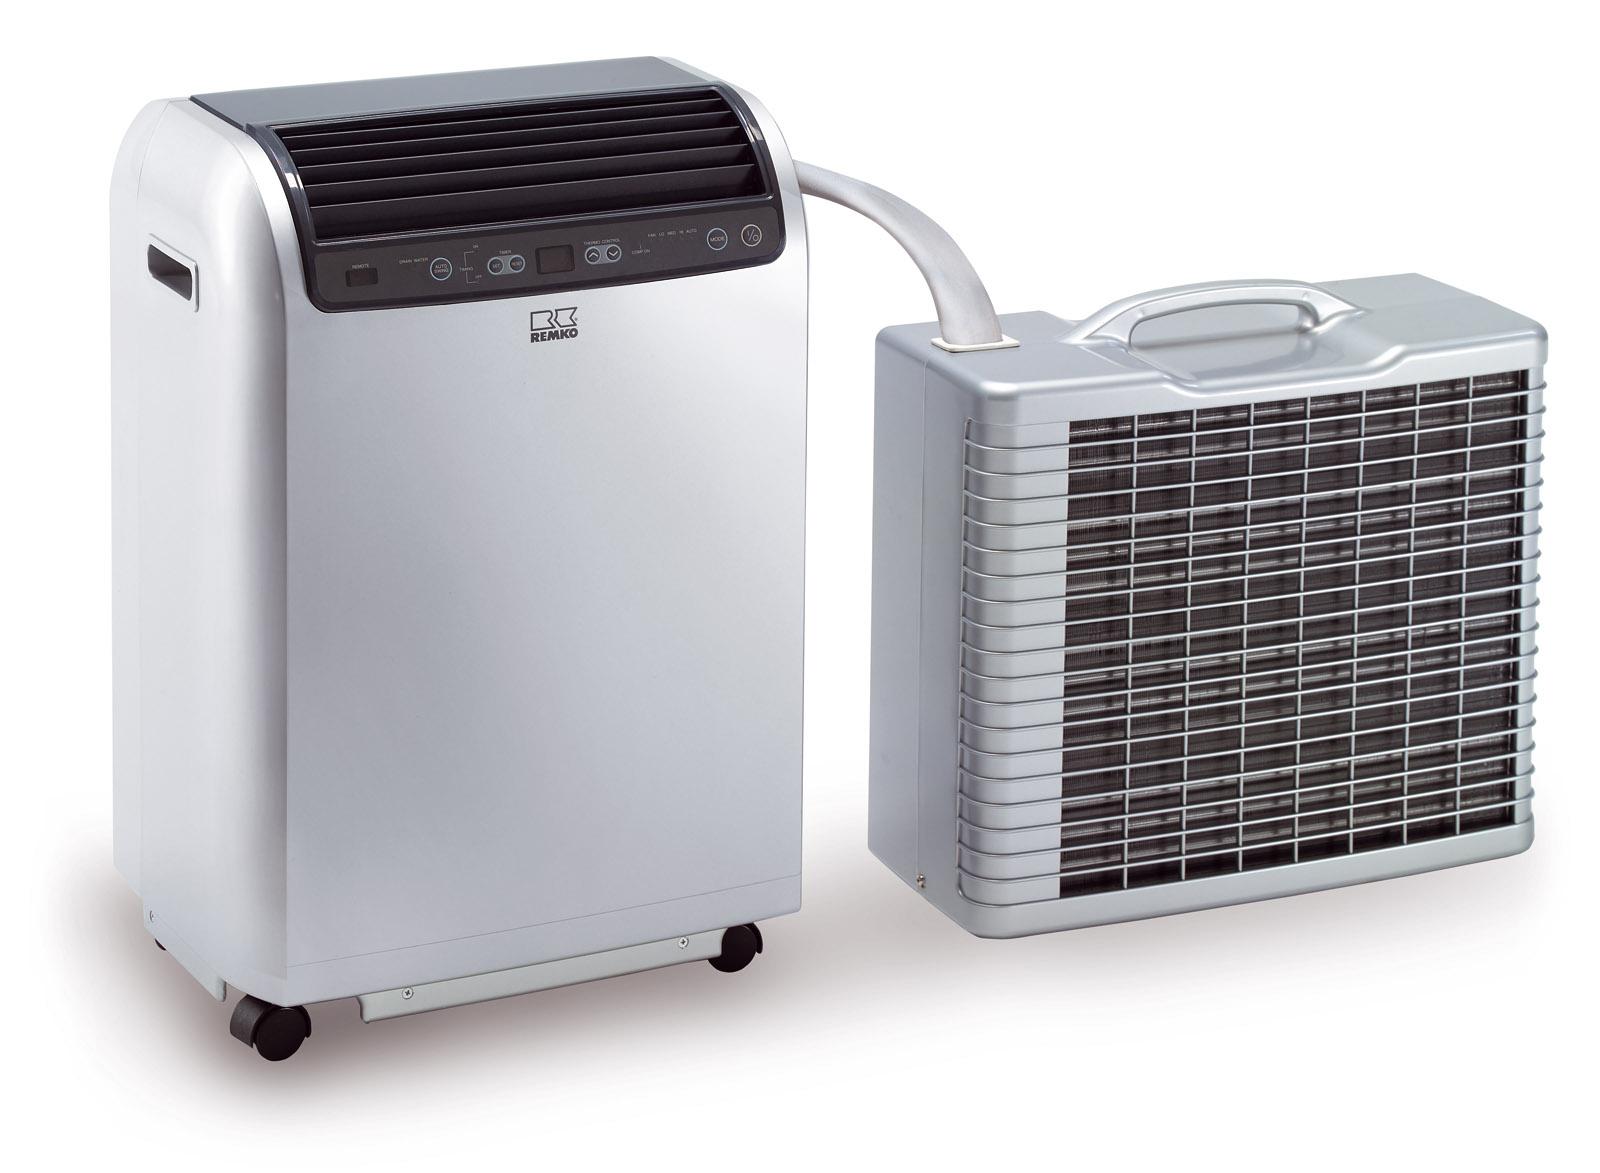 Mobilní klimatizace REMKO RKL491DC S-line + Prodloužená záruka 3 roky + PREMIUM Servis Remko